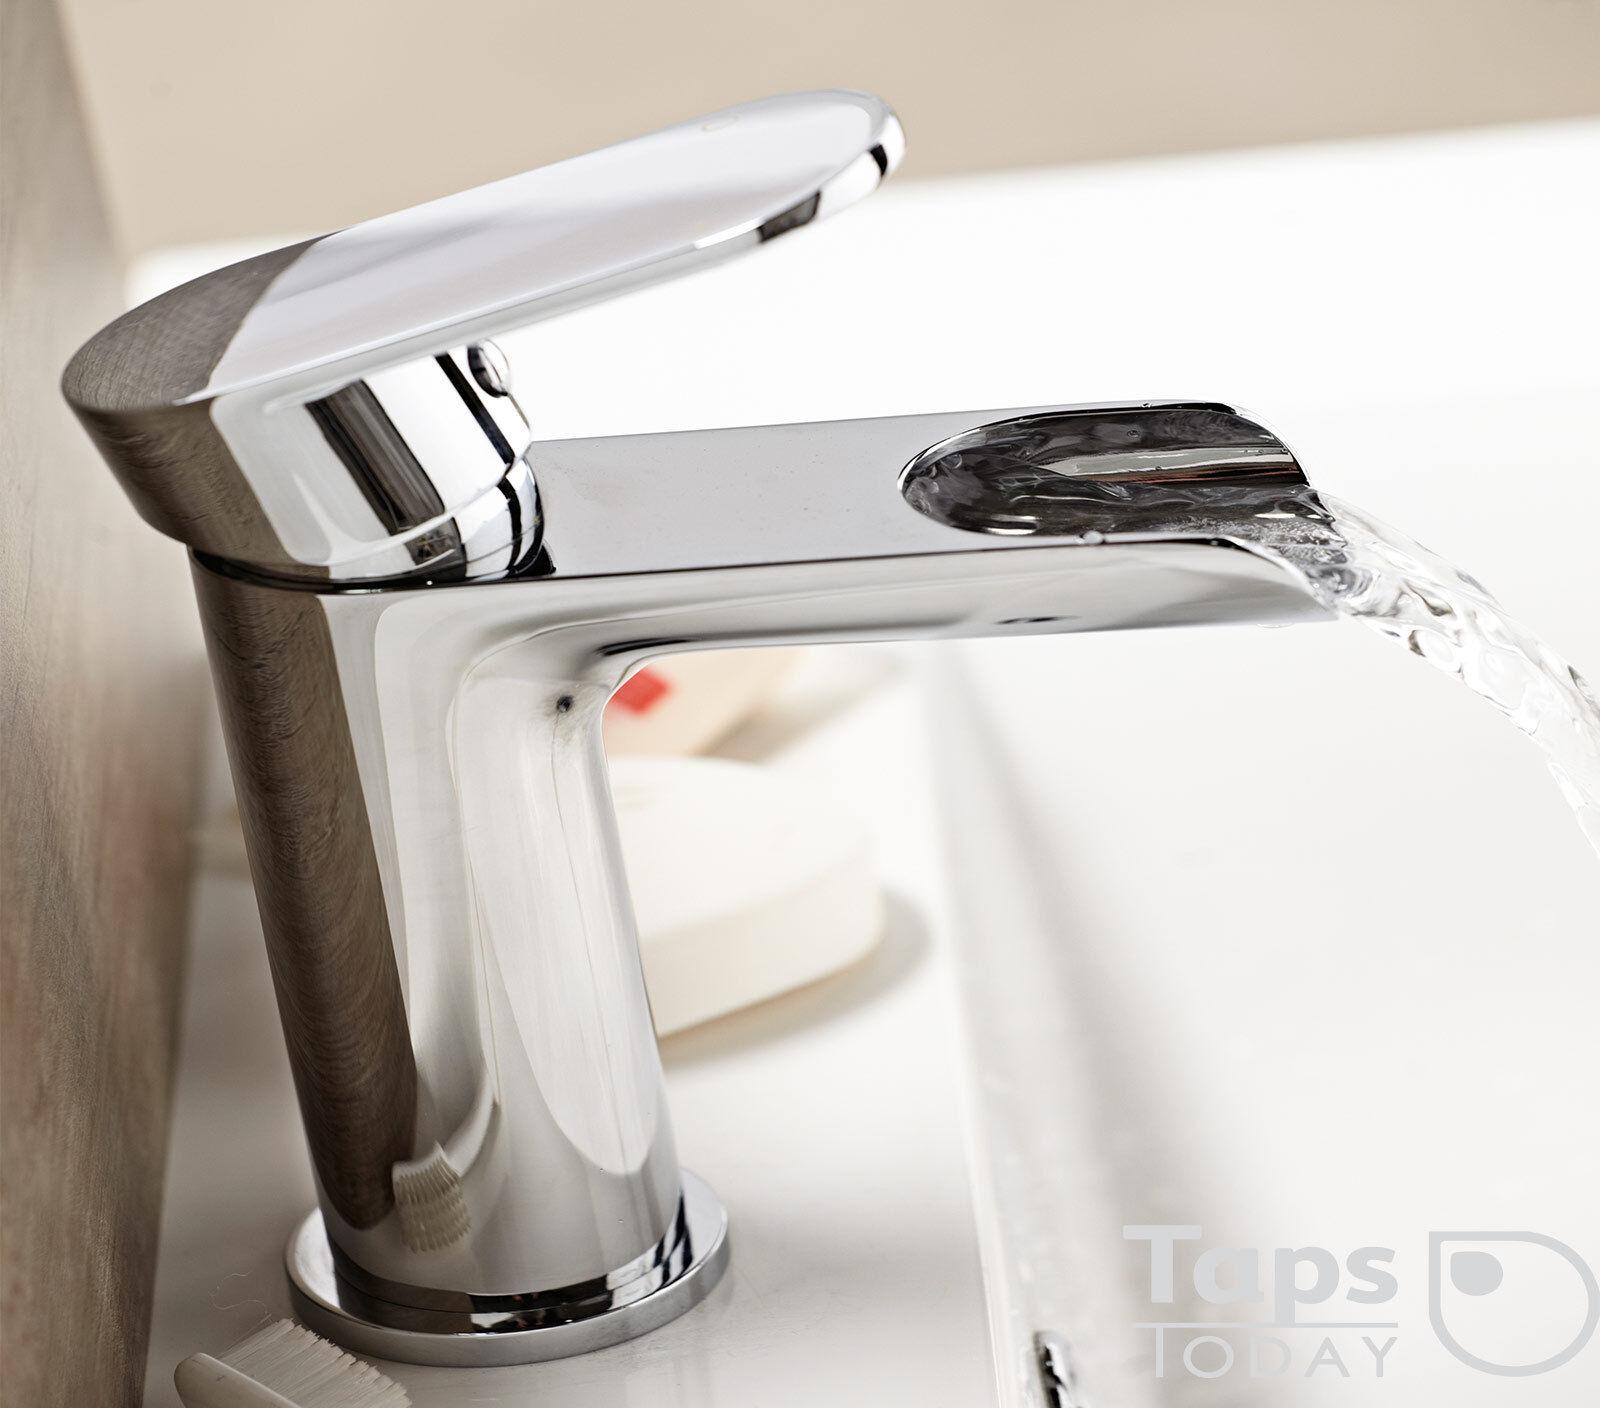 Salle de bain cascade robinets, bassin mélangeur & bain bain bain hand held douche mélangeur robinet cda2da